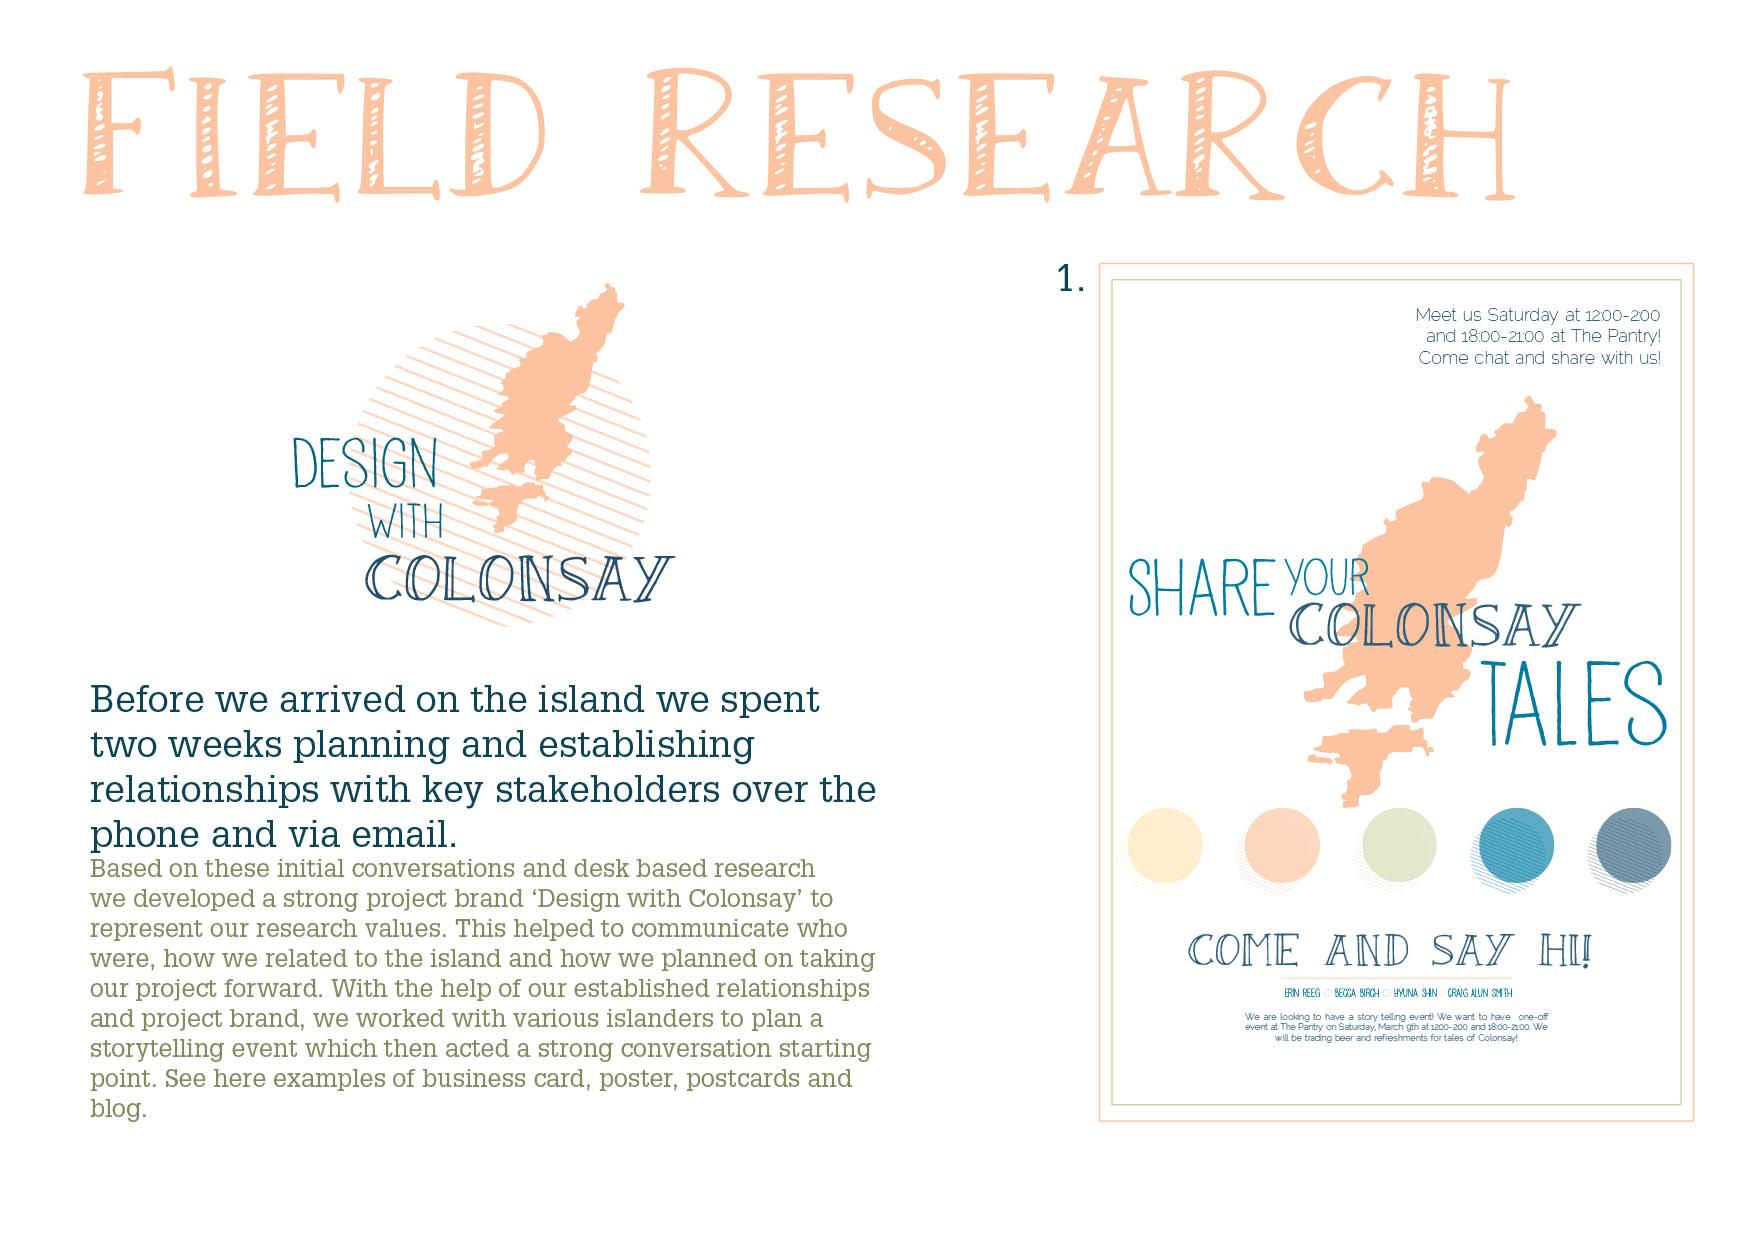 DesignwColFieldResearch.jpg